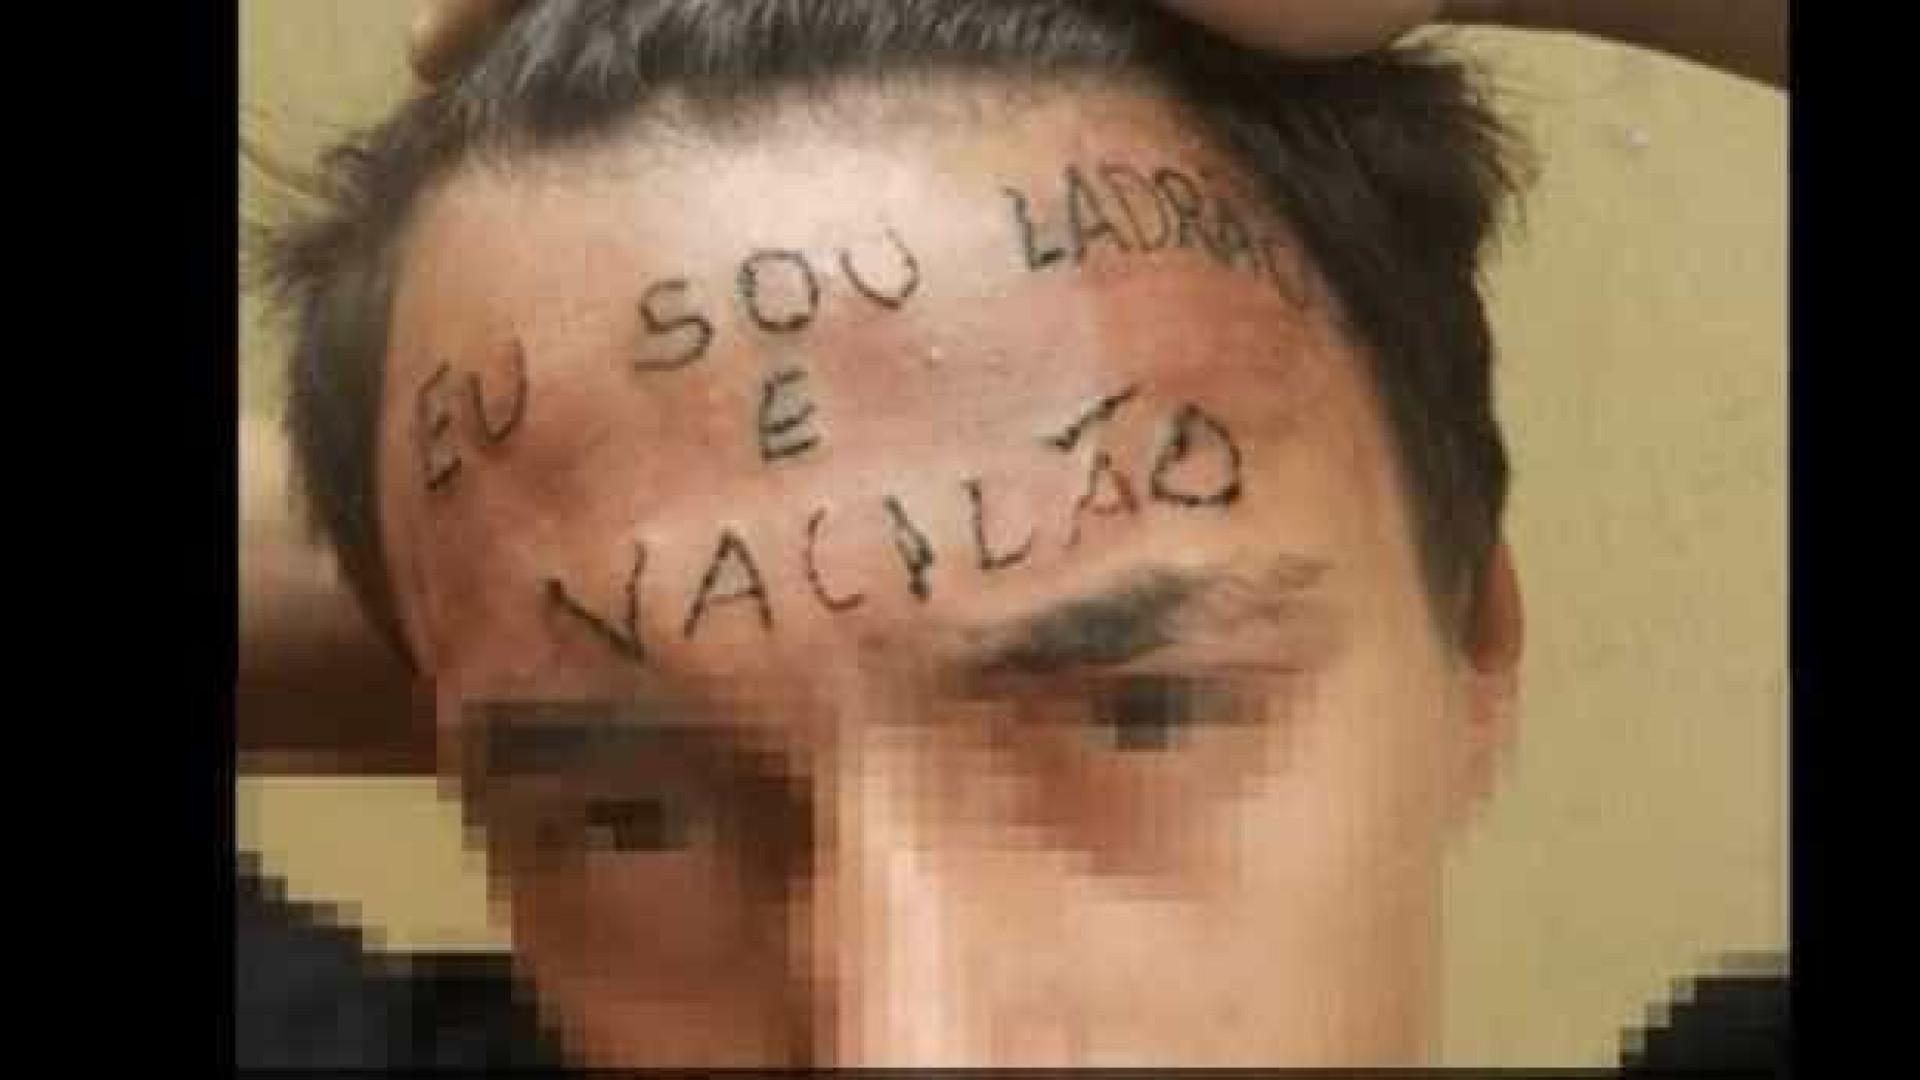 Jovem tatuado na testa em 2017 é condenado a prisão por furto